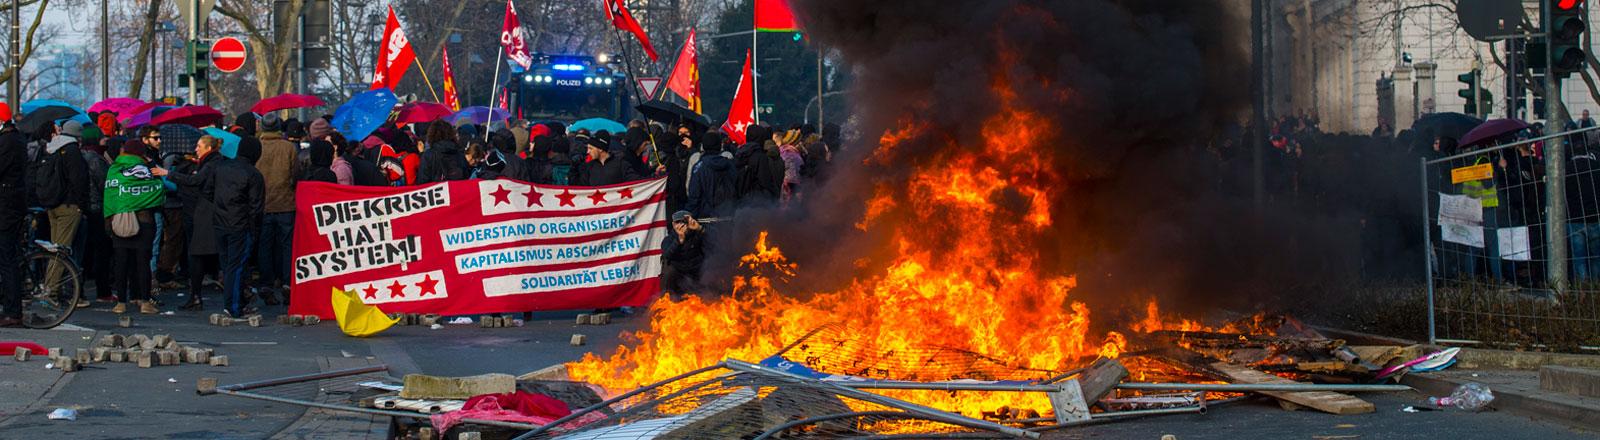 brennende Materialien auf der Straße im HIntergrund unbeteiligte Demonstranten mit Plakaten und Fahnen